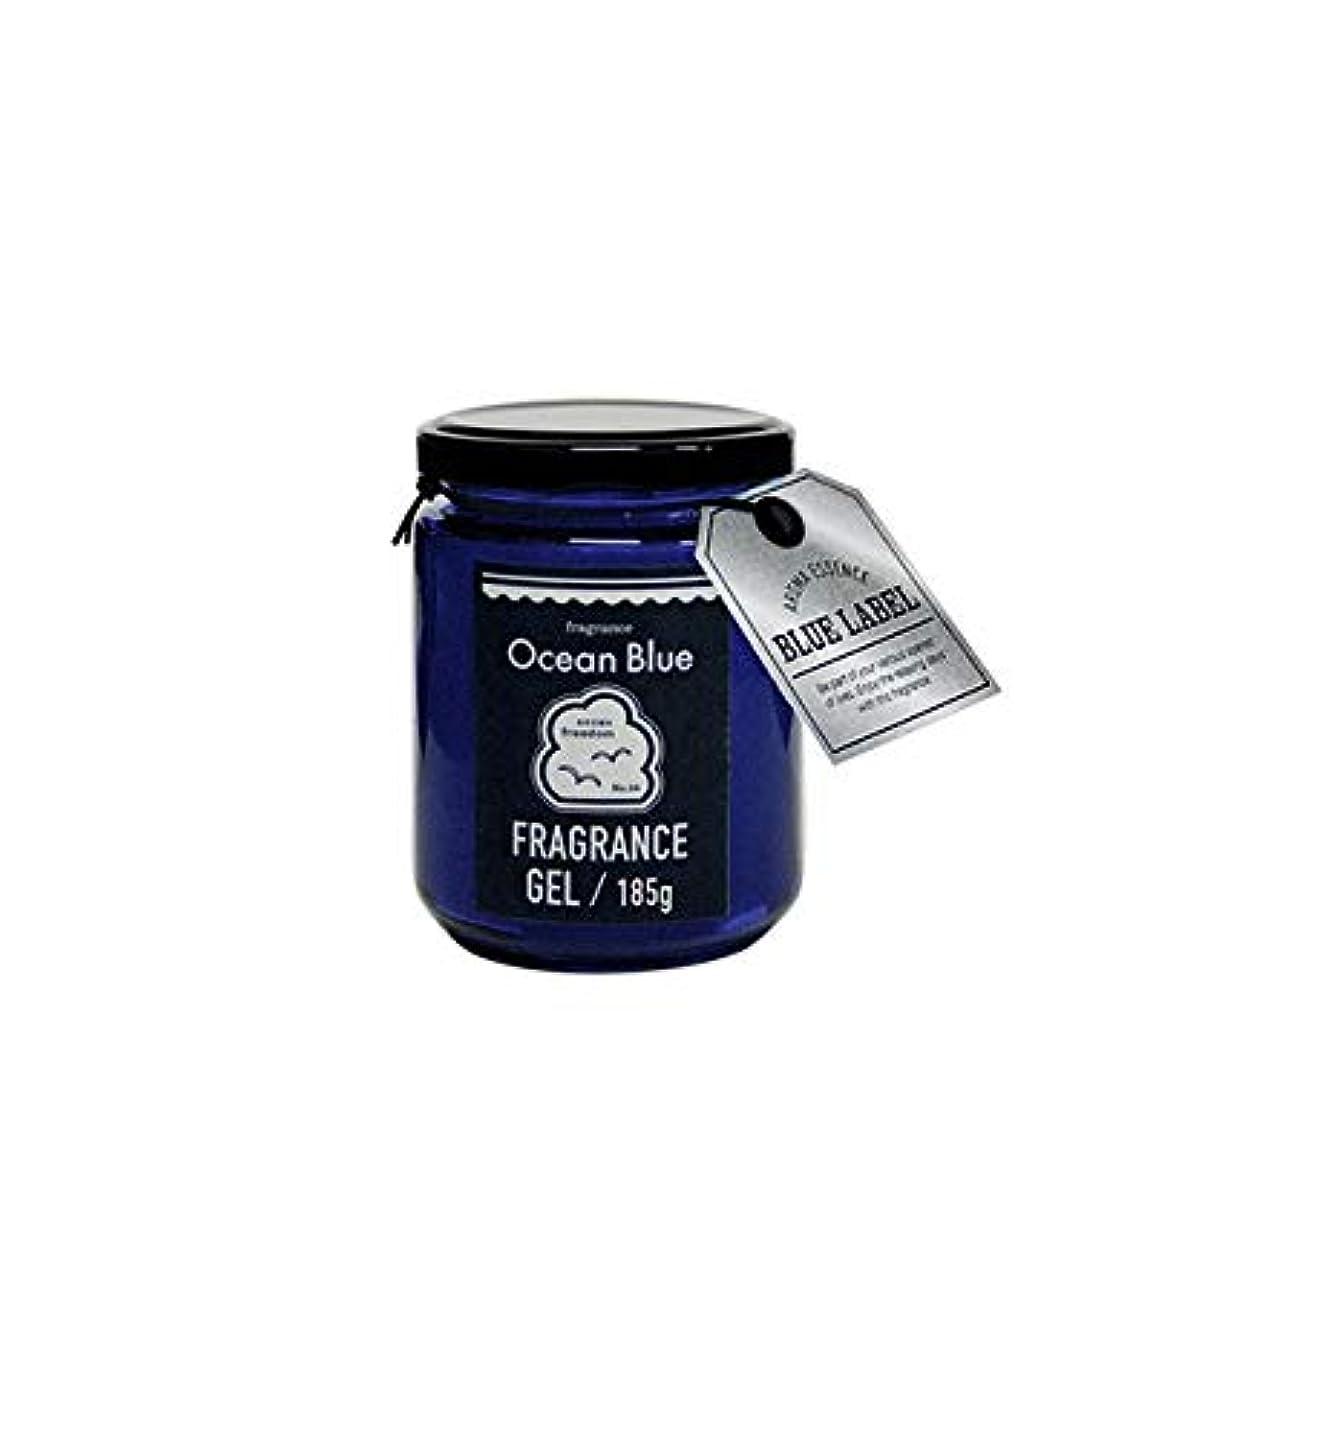 曲がったロデオ全国ブルーラベル ブルー フレグランスジェル185g オーシャンブルー(ルームフレグランス 約1-2ヶ月 海の爽快な香り)